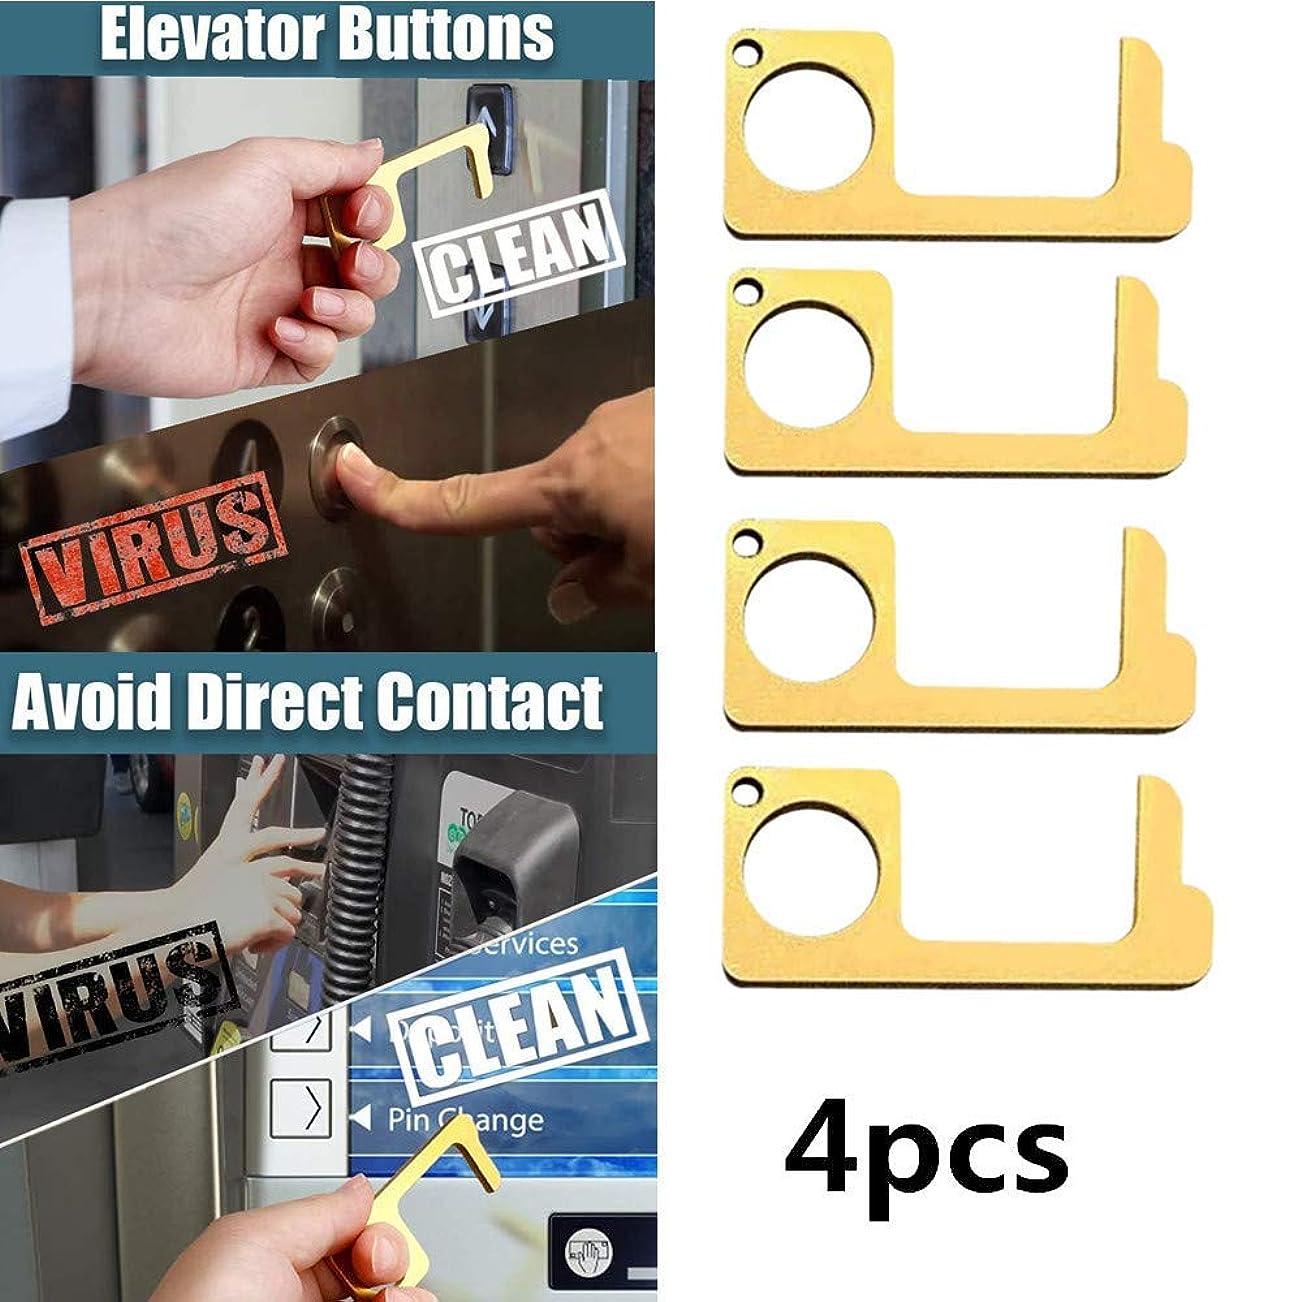 海峡ひも配送適用済みノータッチドアオープナー、4個、キーチェーンドアオープナークリーンキーノータッチアーティファクトエレベーターボタンは手作りを避けます